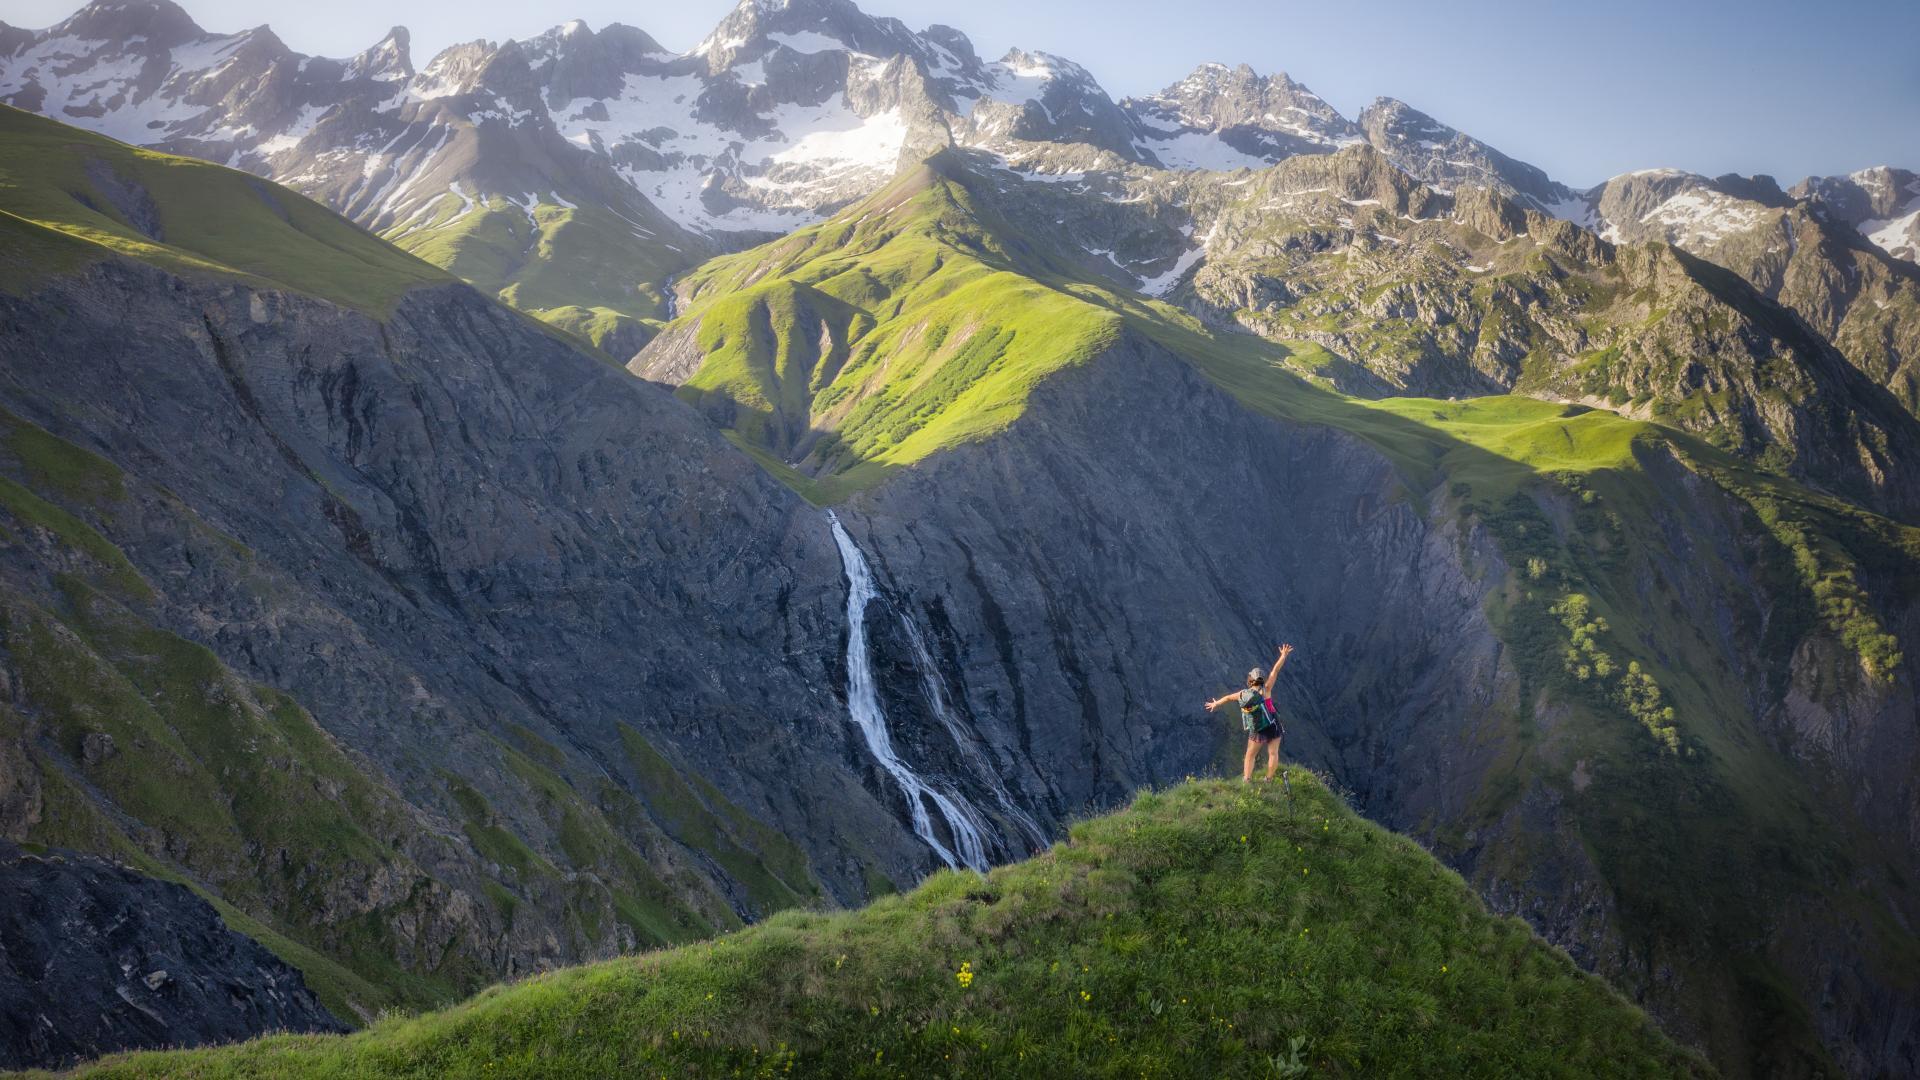 Randonnée avec vue sur les Choucières Vertes depuis le Valgaudemar